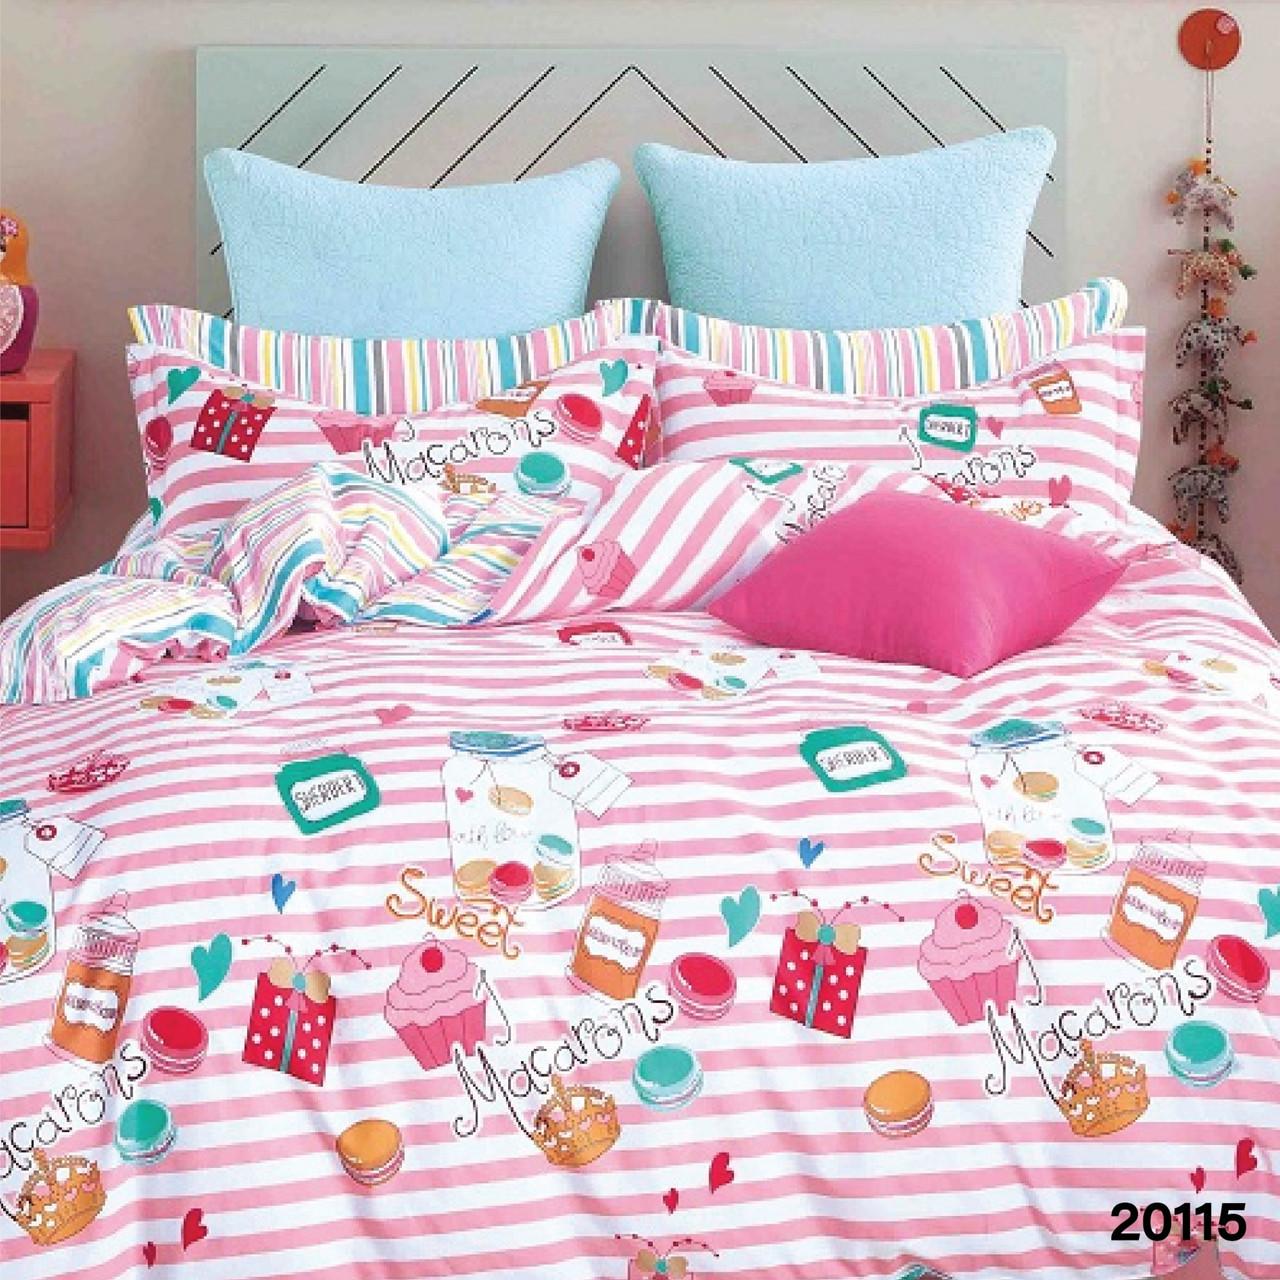 Комплект постельного белья подростковый ранфорс 20115 ТМ Вилюта